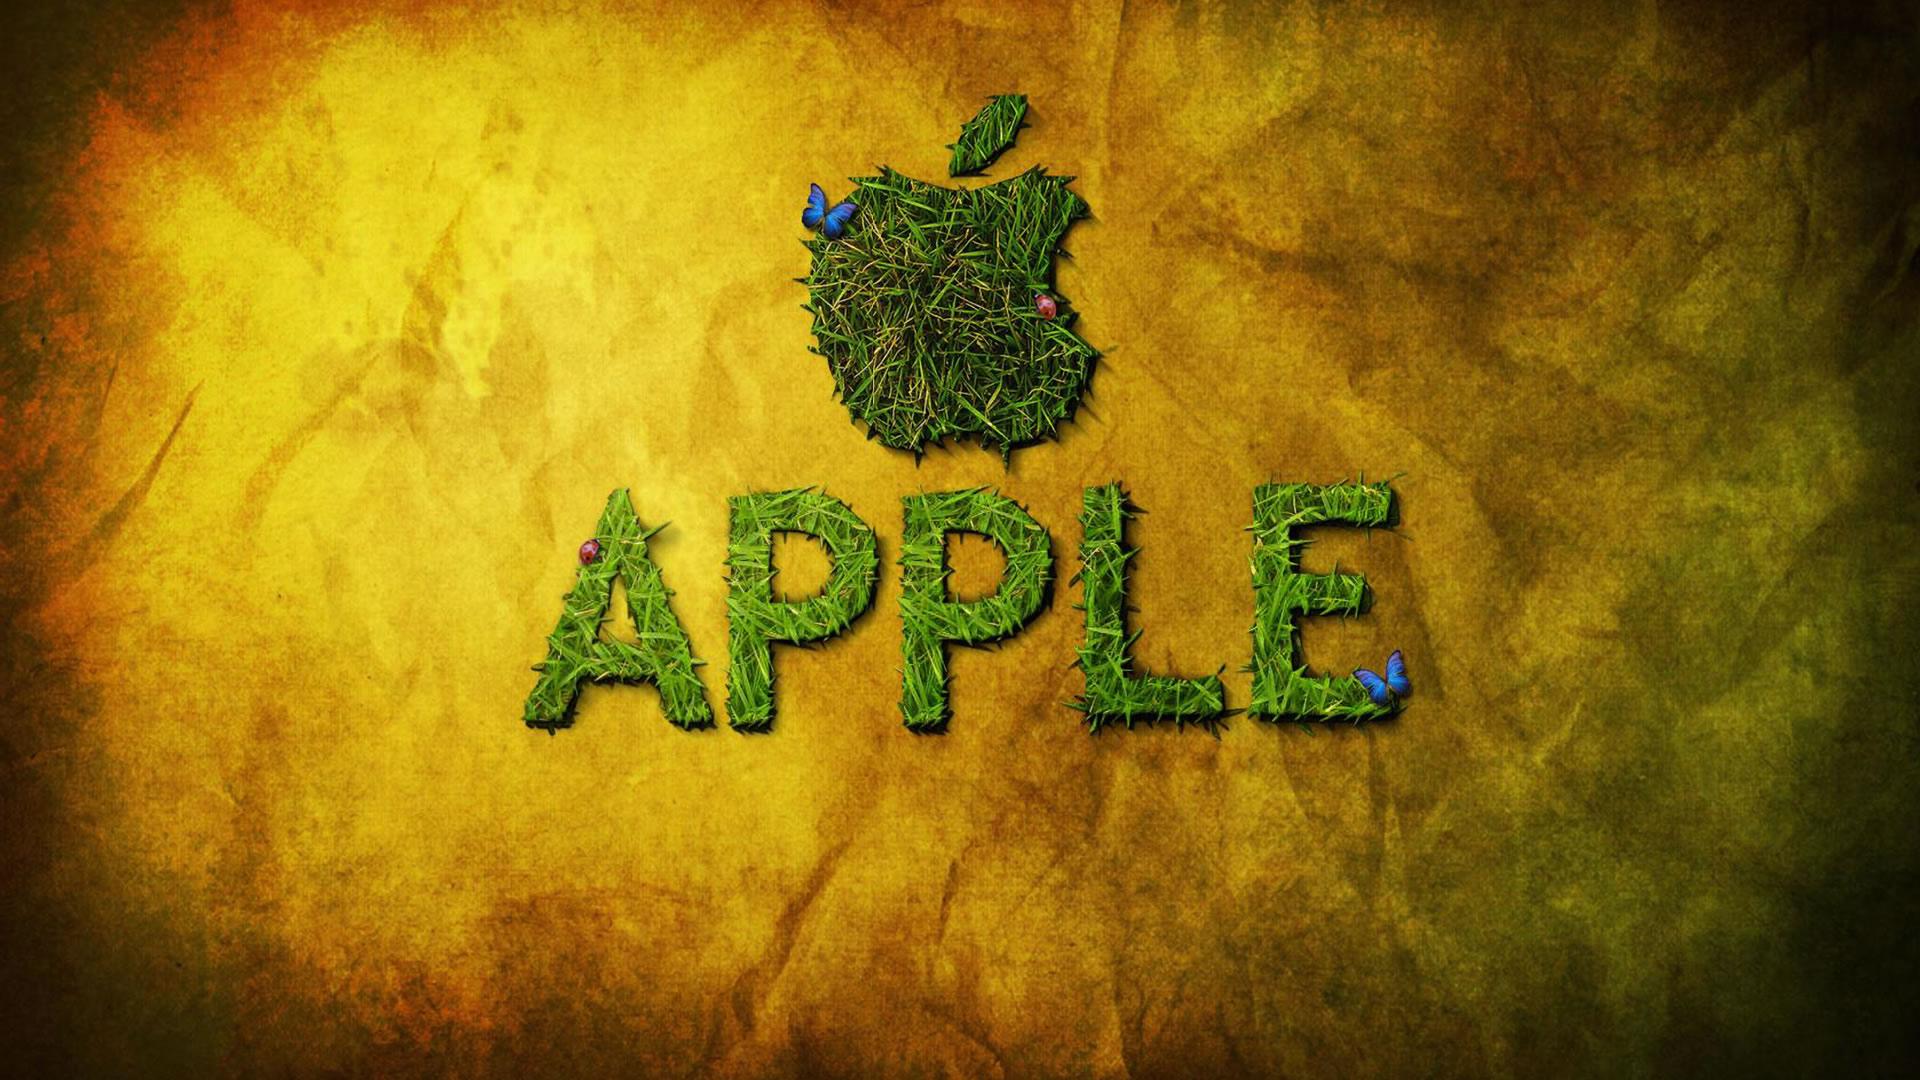 Apple_Wallpaper.jpg